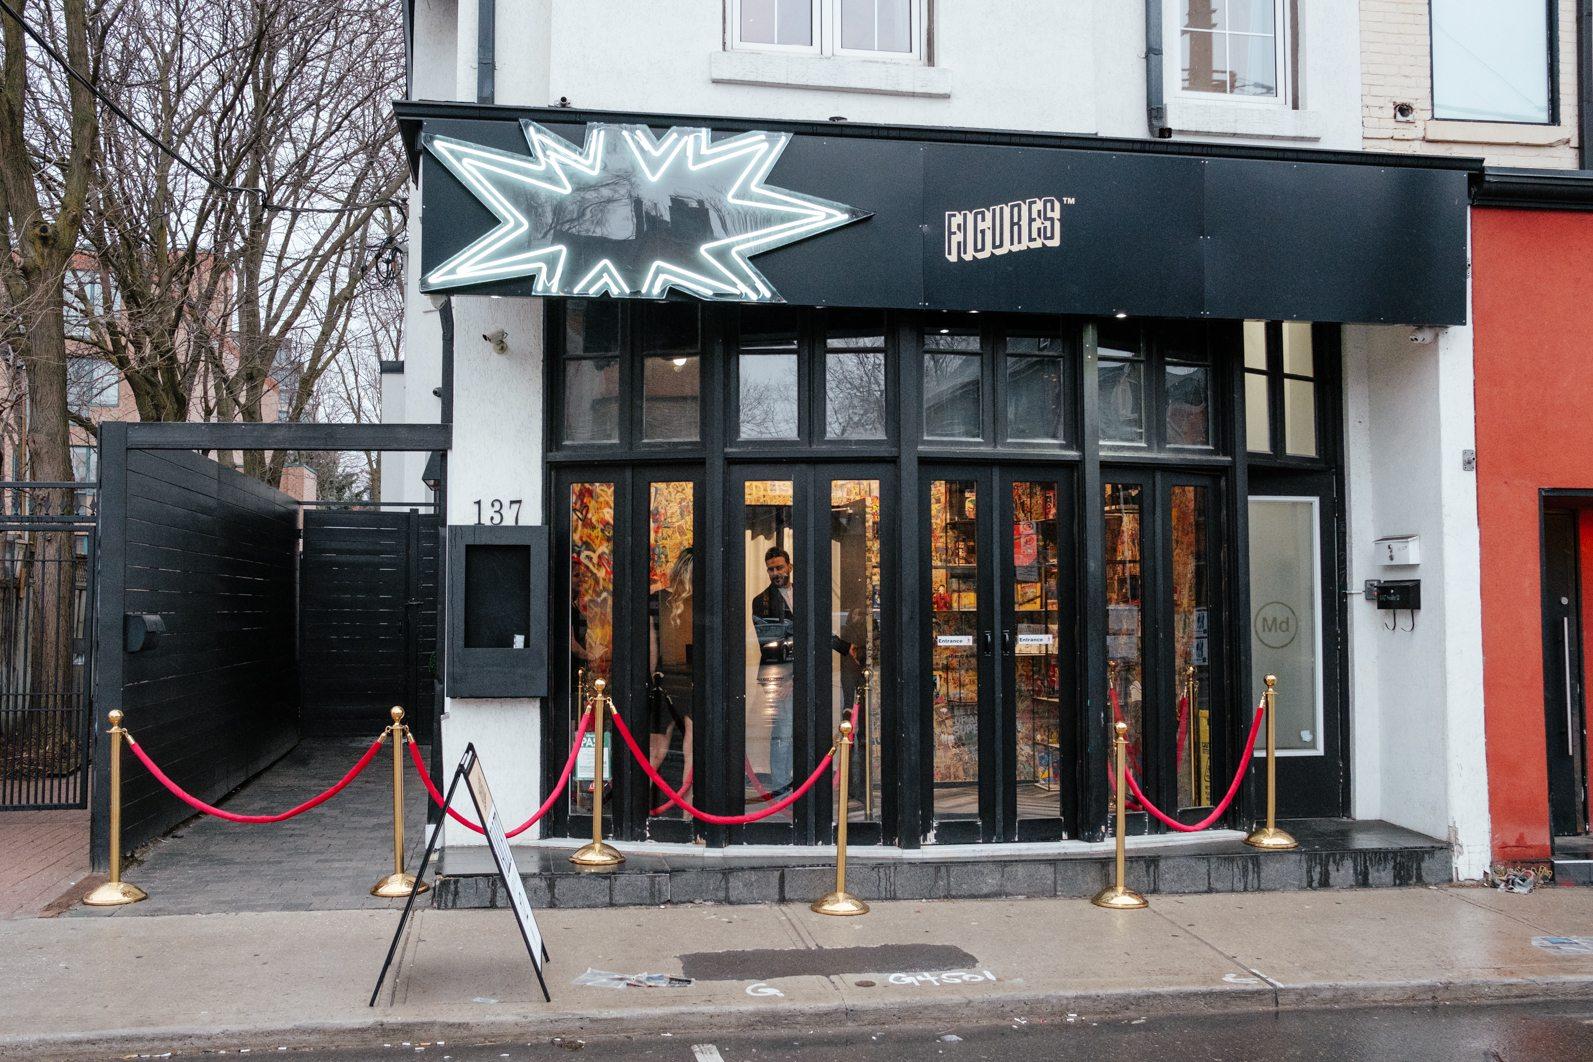 toronto-restaurants-figures-comic-book-super-heroes-yorkville-exterior